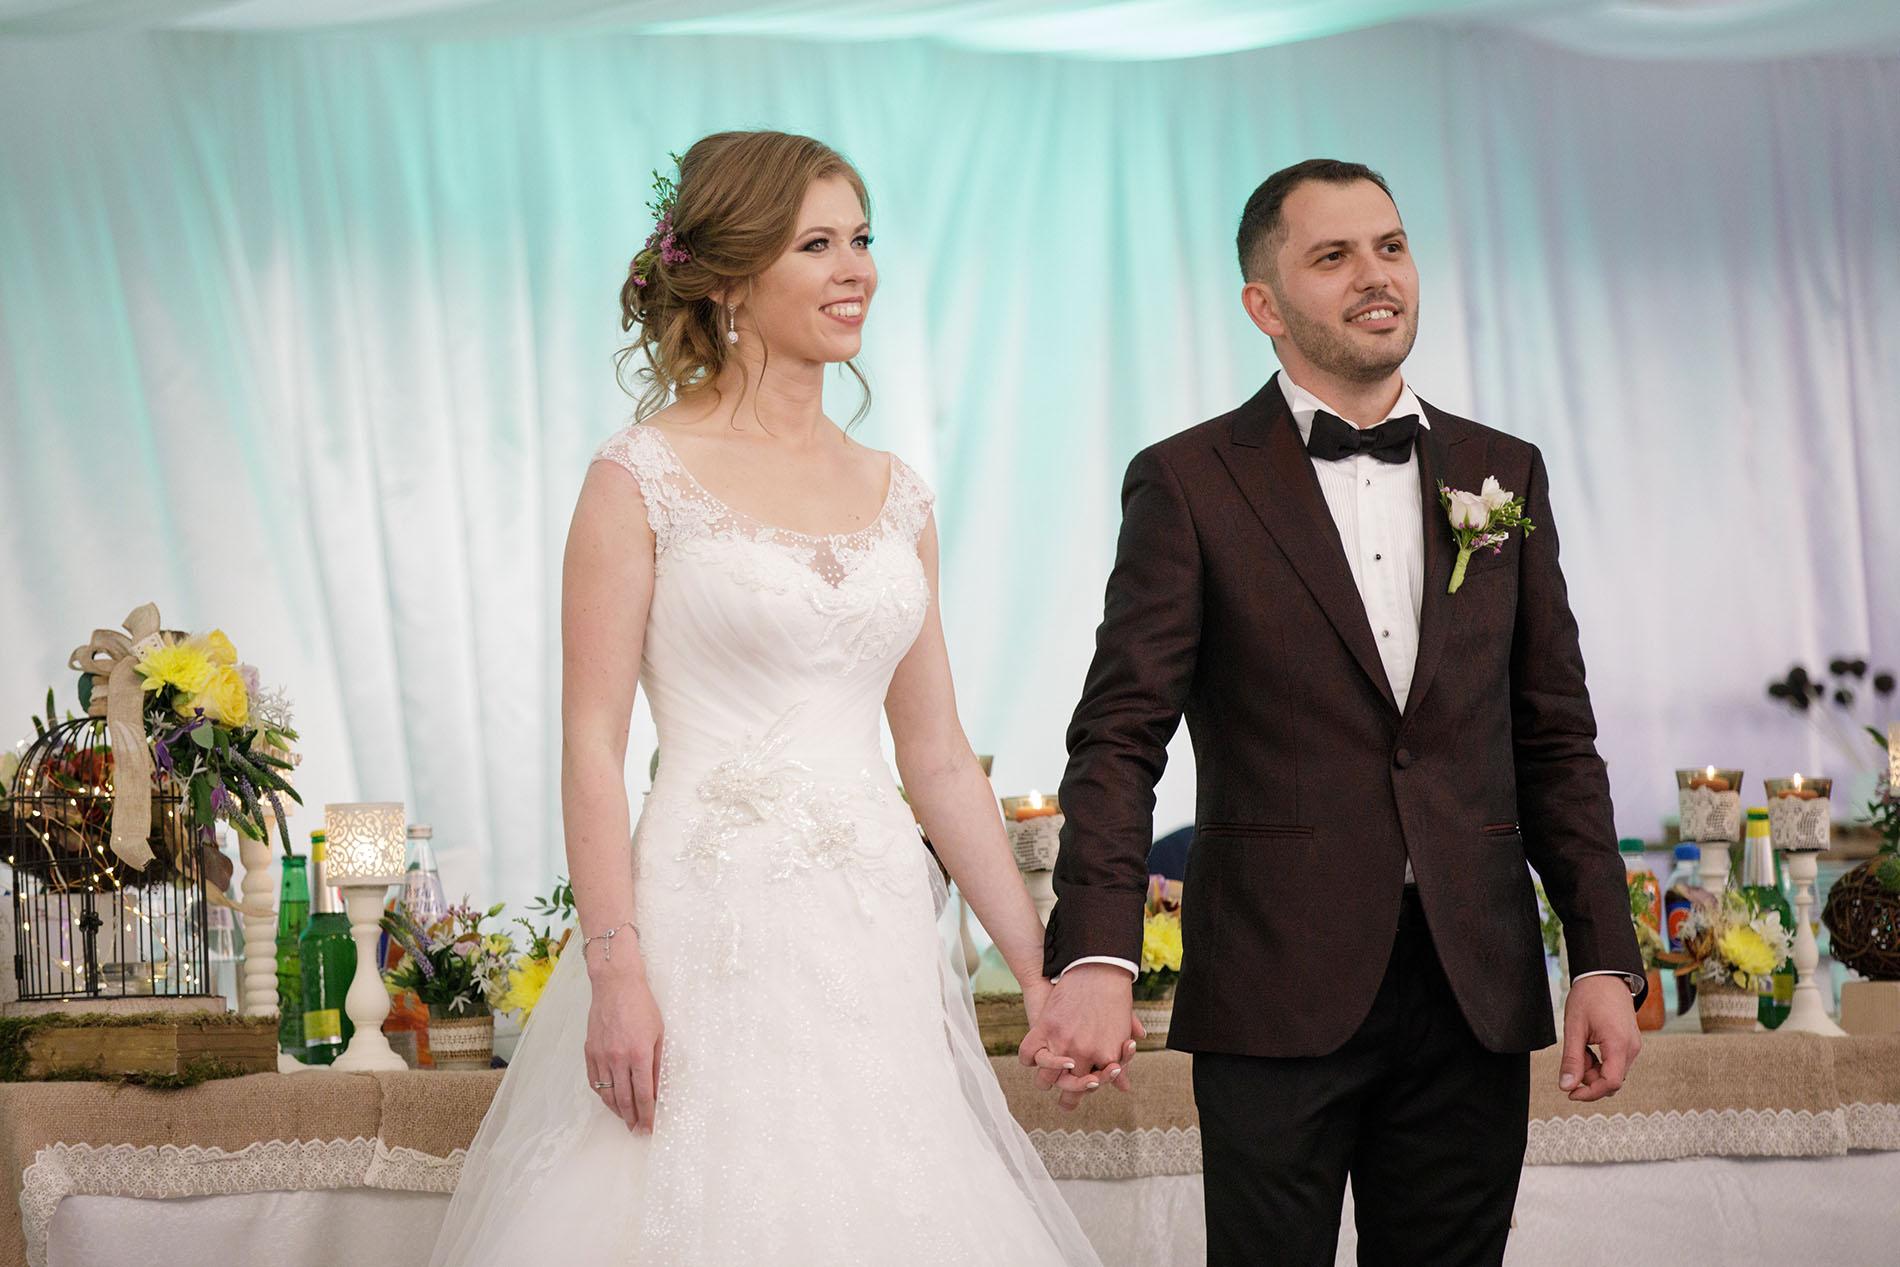 Mirii, wedding day